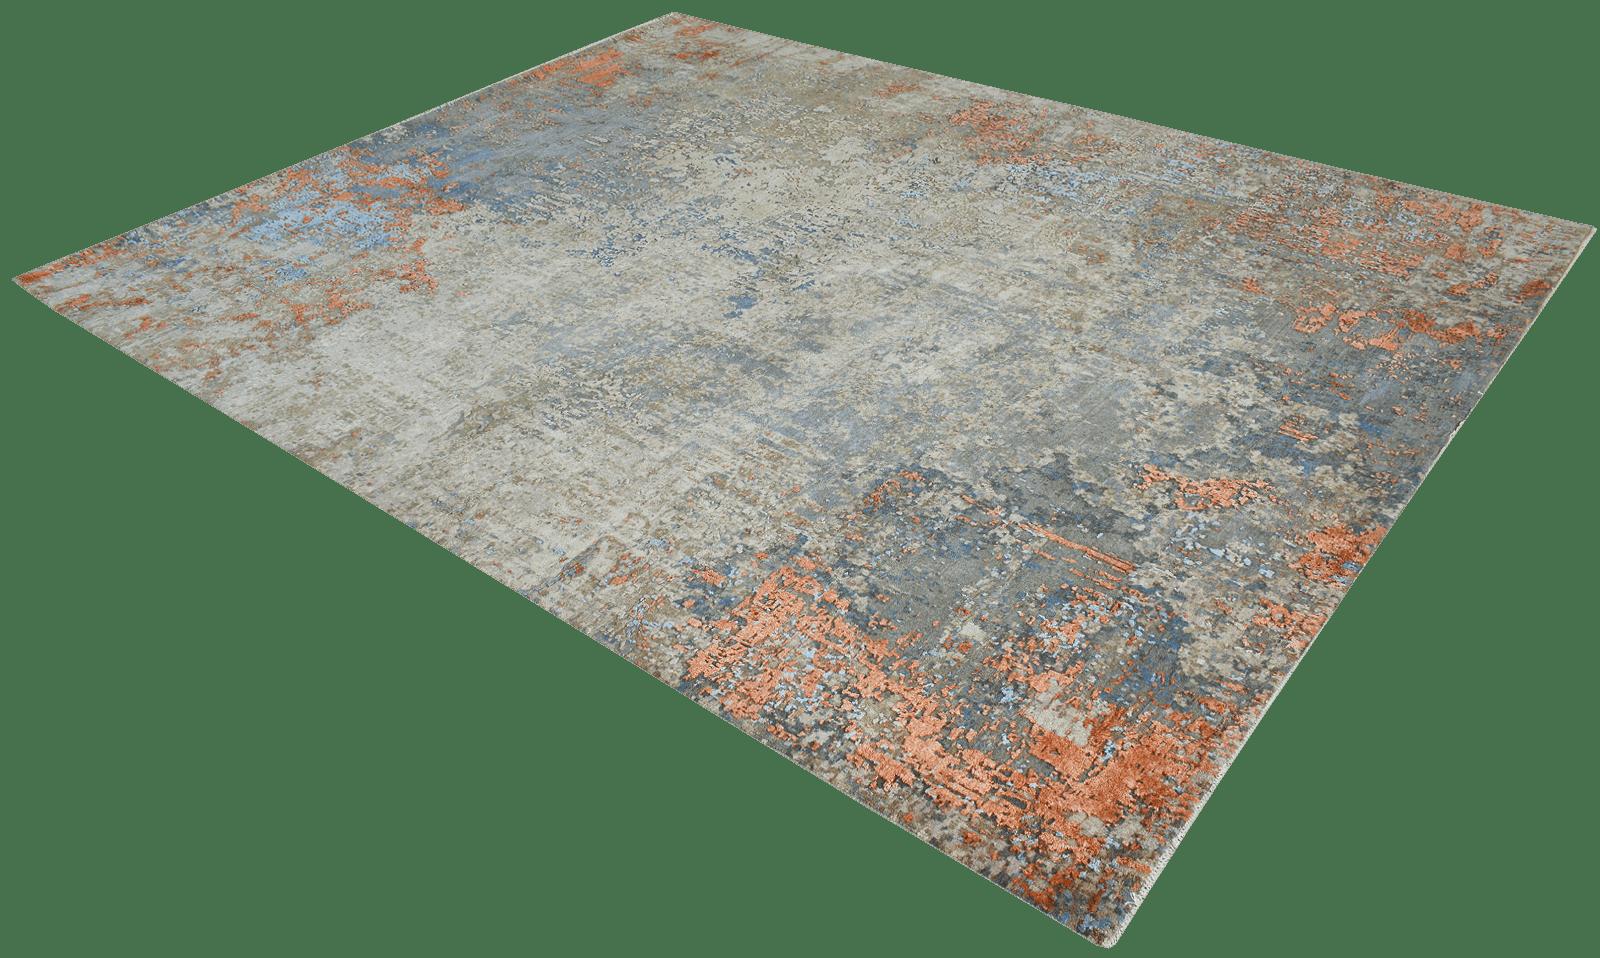 avant-garde-twilight-charcoal-design-tapijt-luxe-moderne-exclusieve-design-tapijten-luxe-vloerkleden-zijde-haute-couture-koreman-maastricht